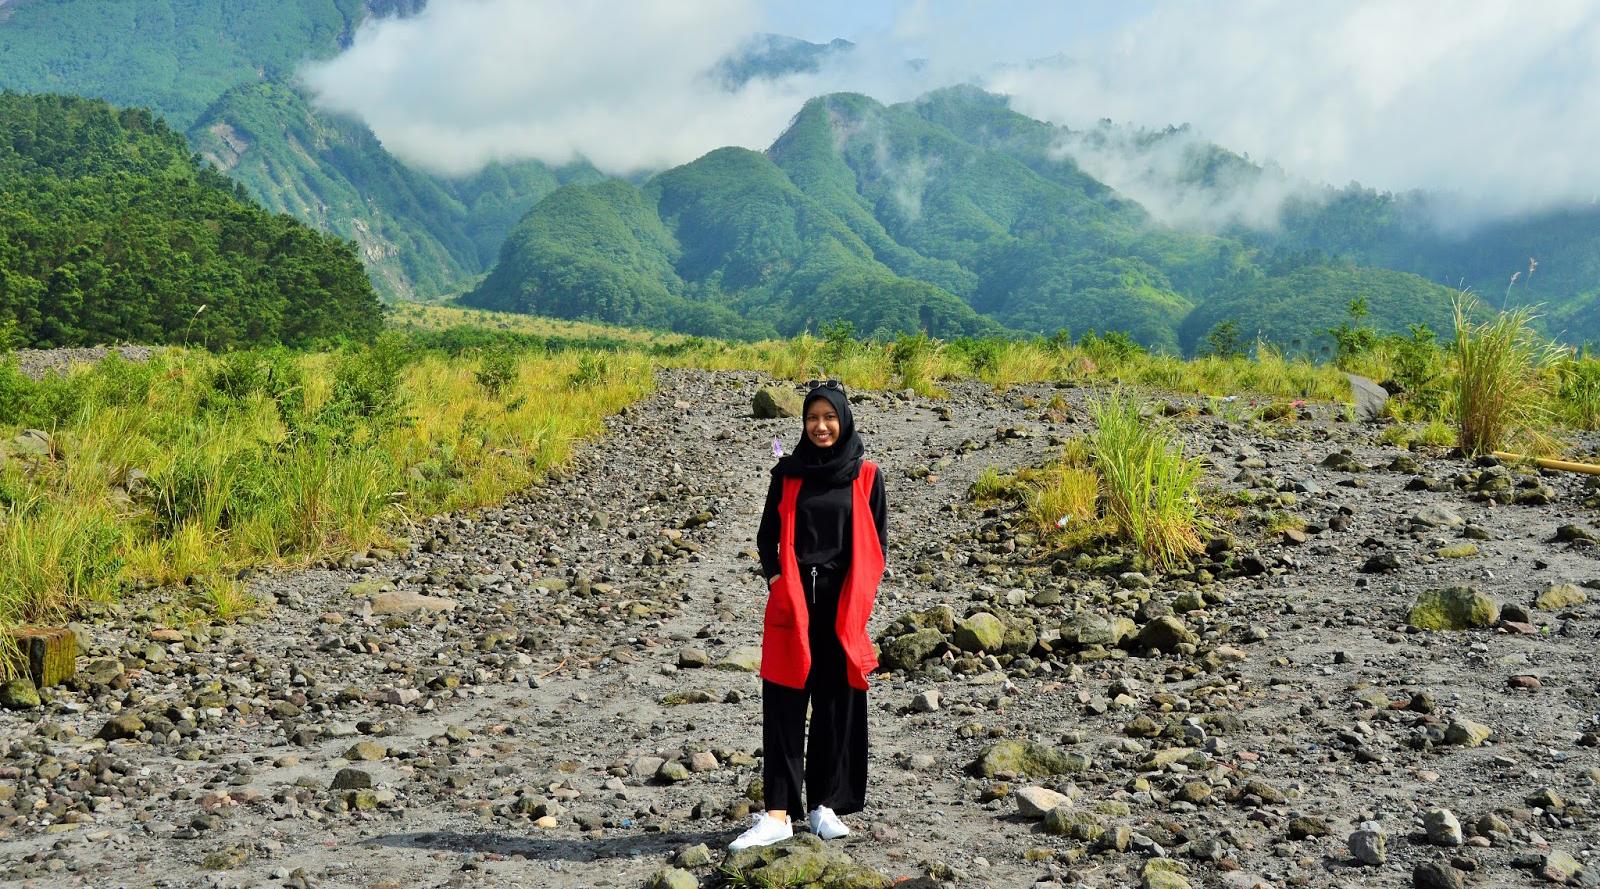 wisata gunung merapi jogja Tempat Tempat Wisata Di Daerah Gunung Merapi Jogja